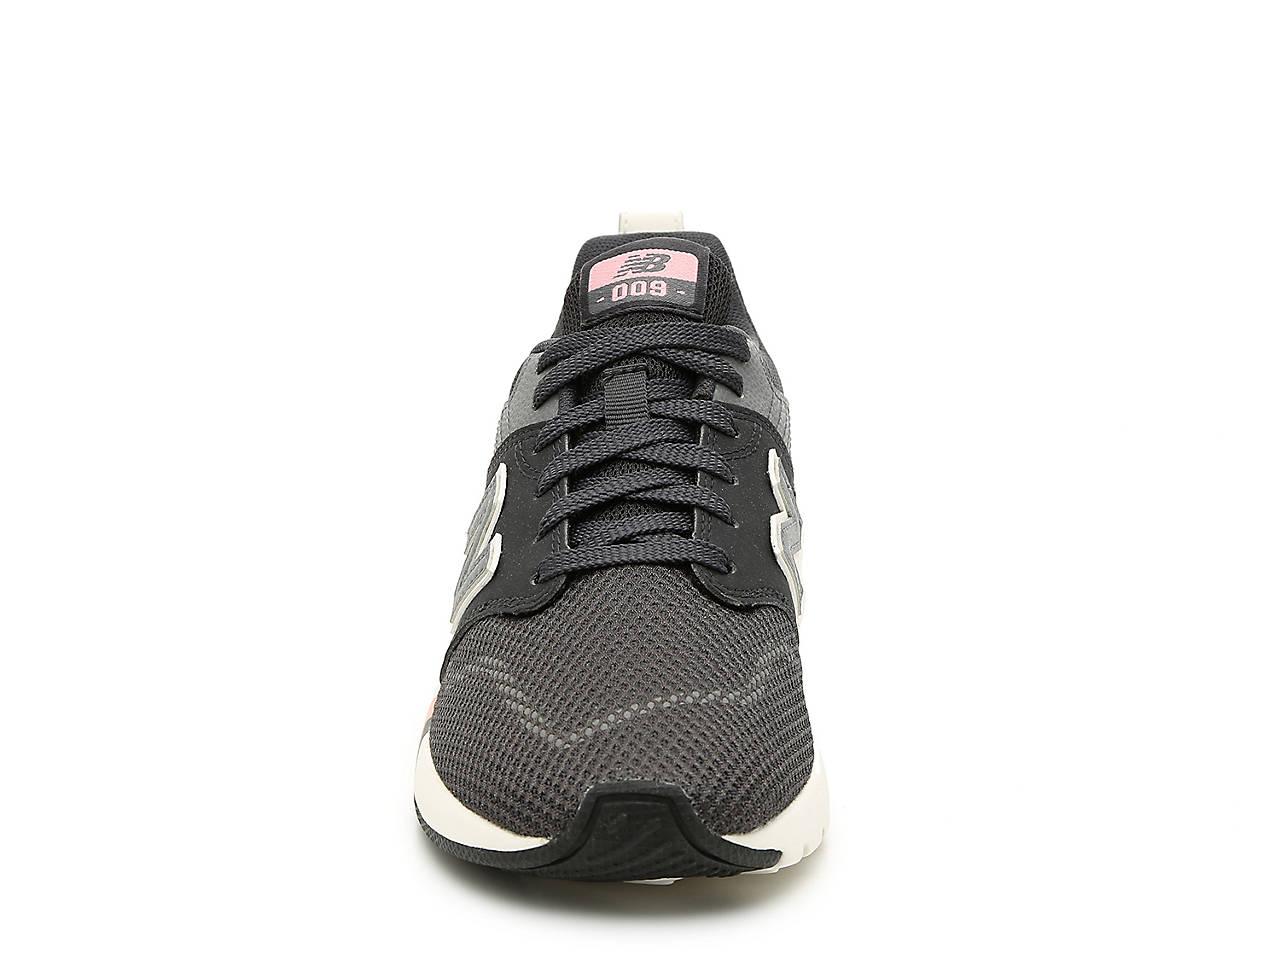 fc5acdf77db1d New Balance 009 Sneaker - Women's Women's Shoes | DSW